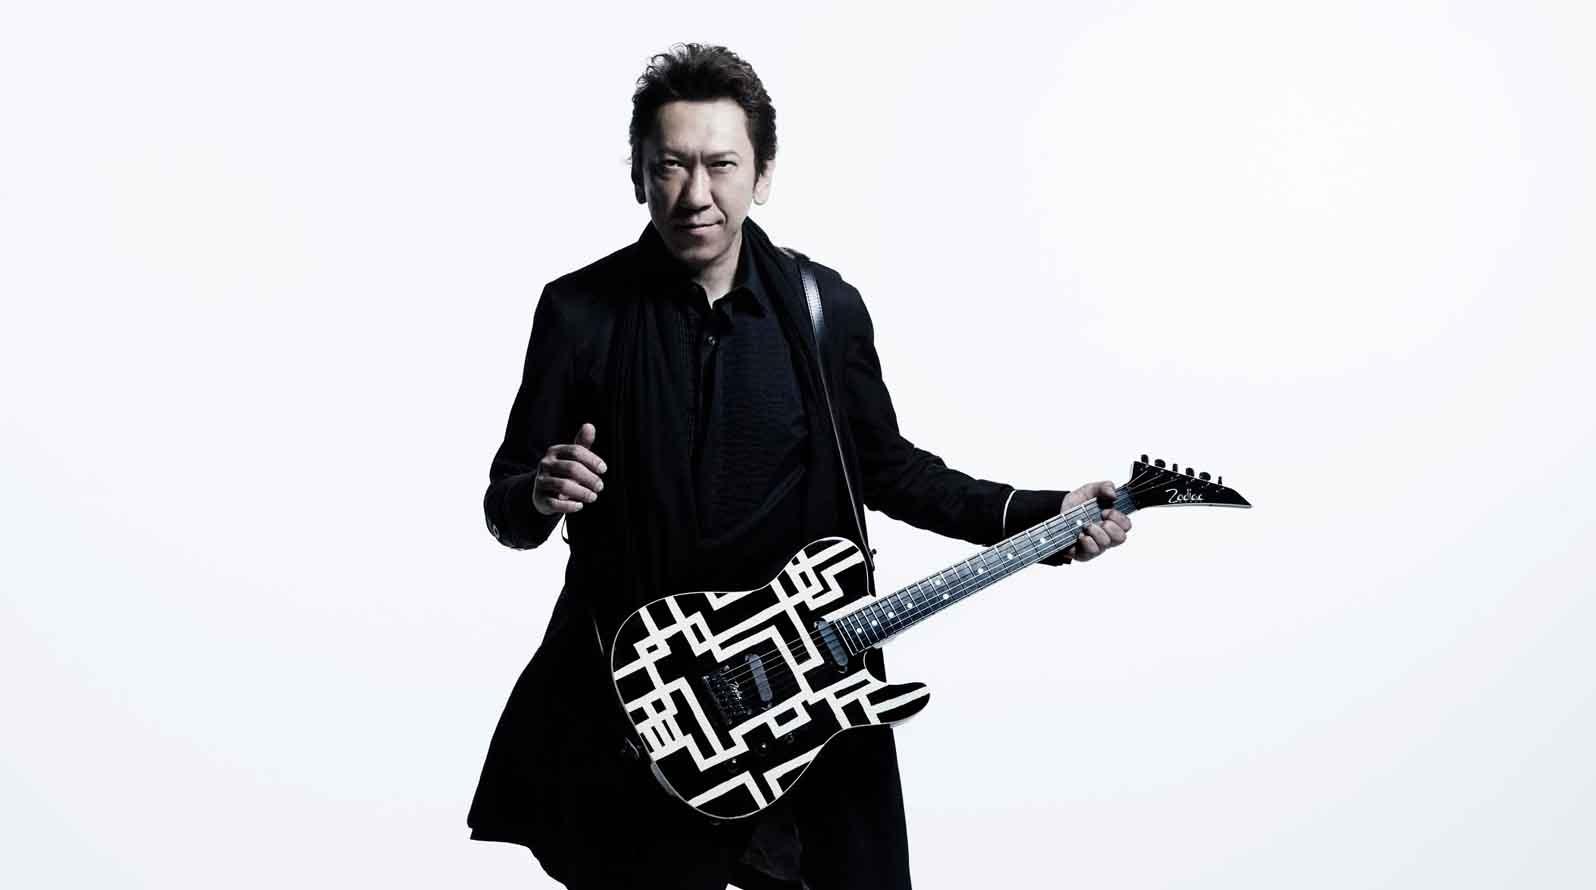 「台灣的朋友,我終於來了!」日本殿堂傳奇吉他男歌手布袋寅泰五月首度跨足亞洲!